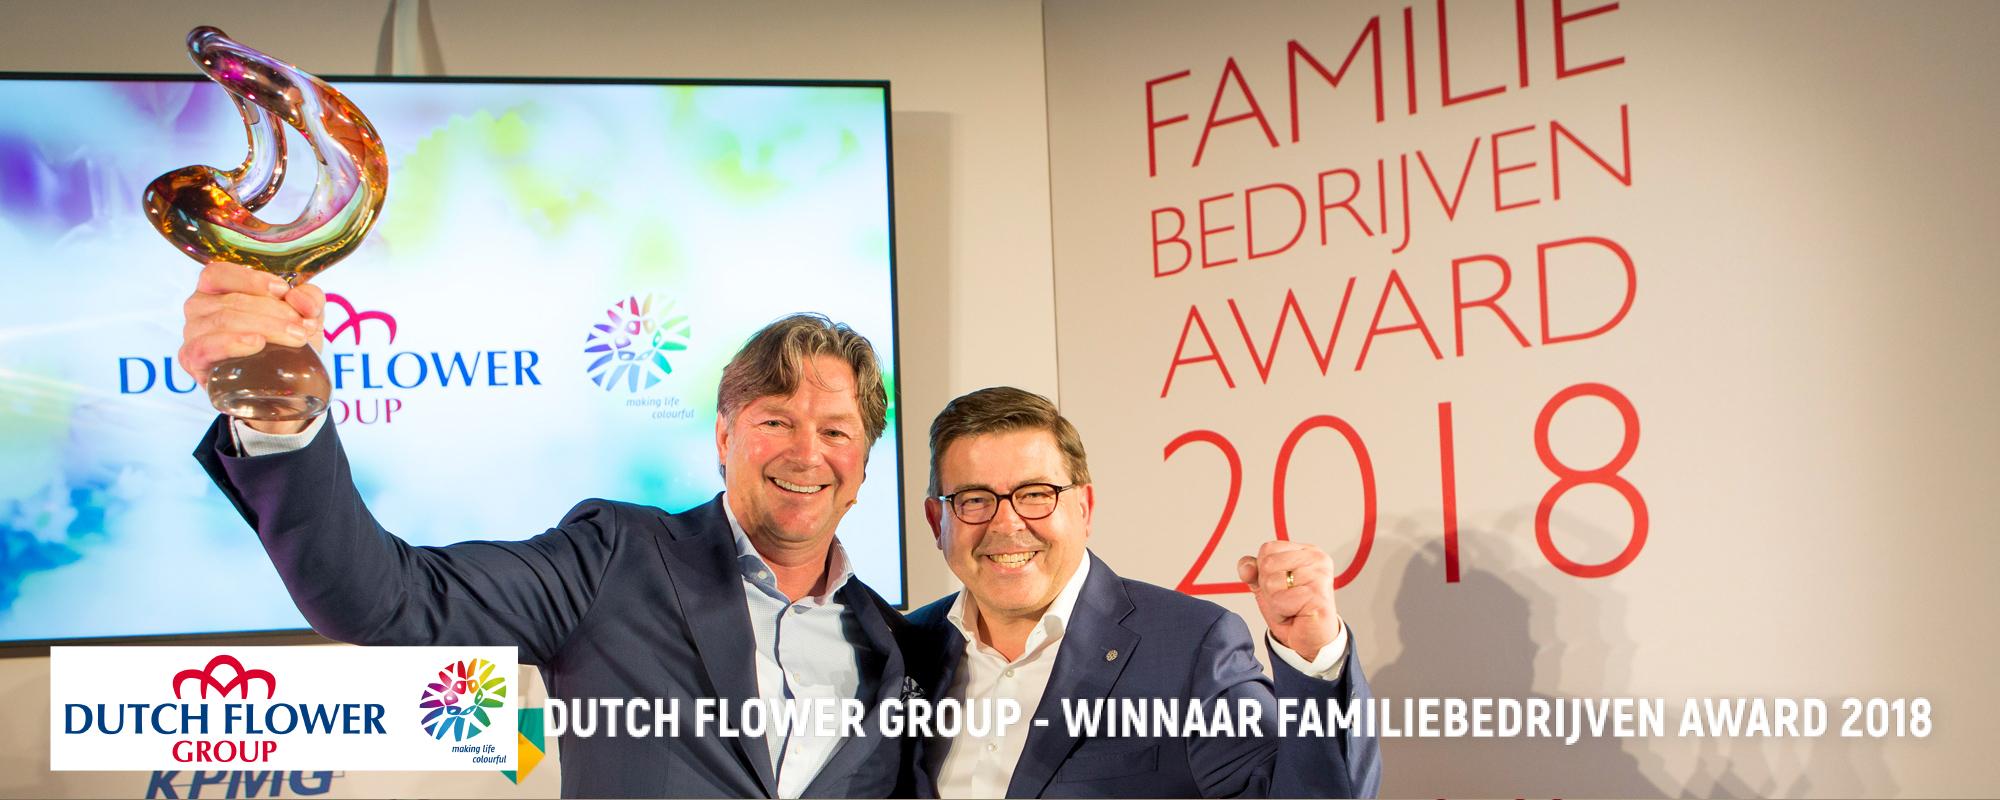 Familiebedrijf van het jaar 2018 Dutch Flower Group